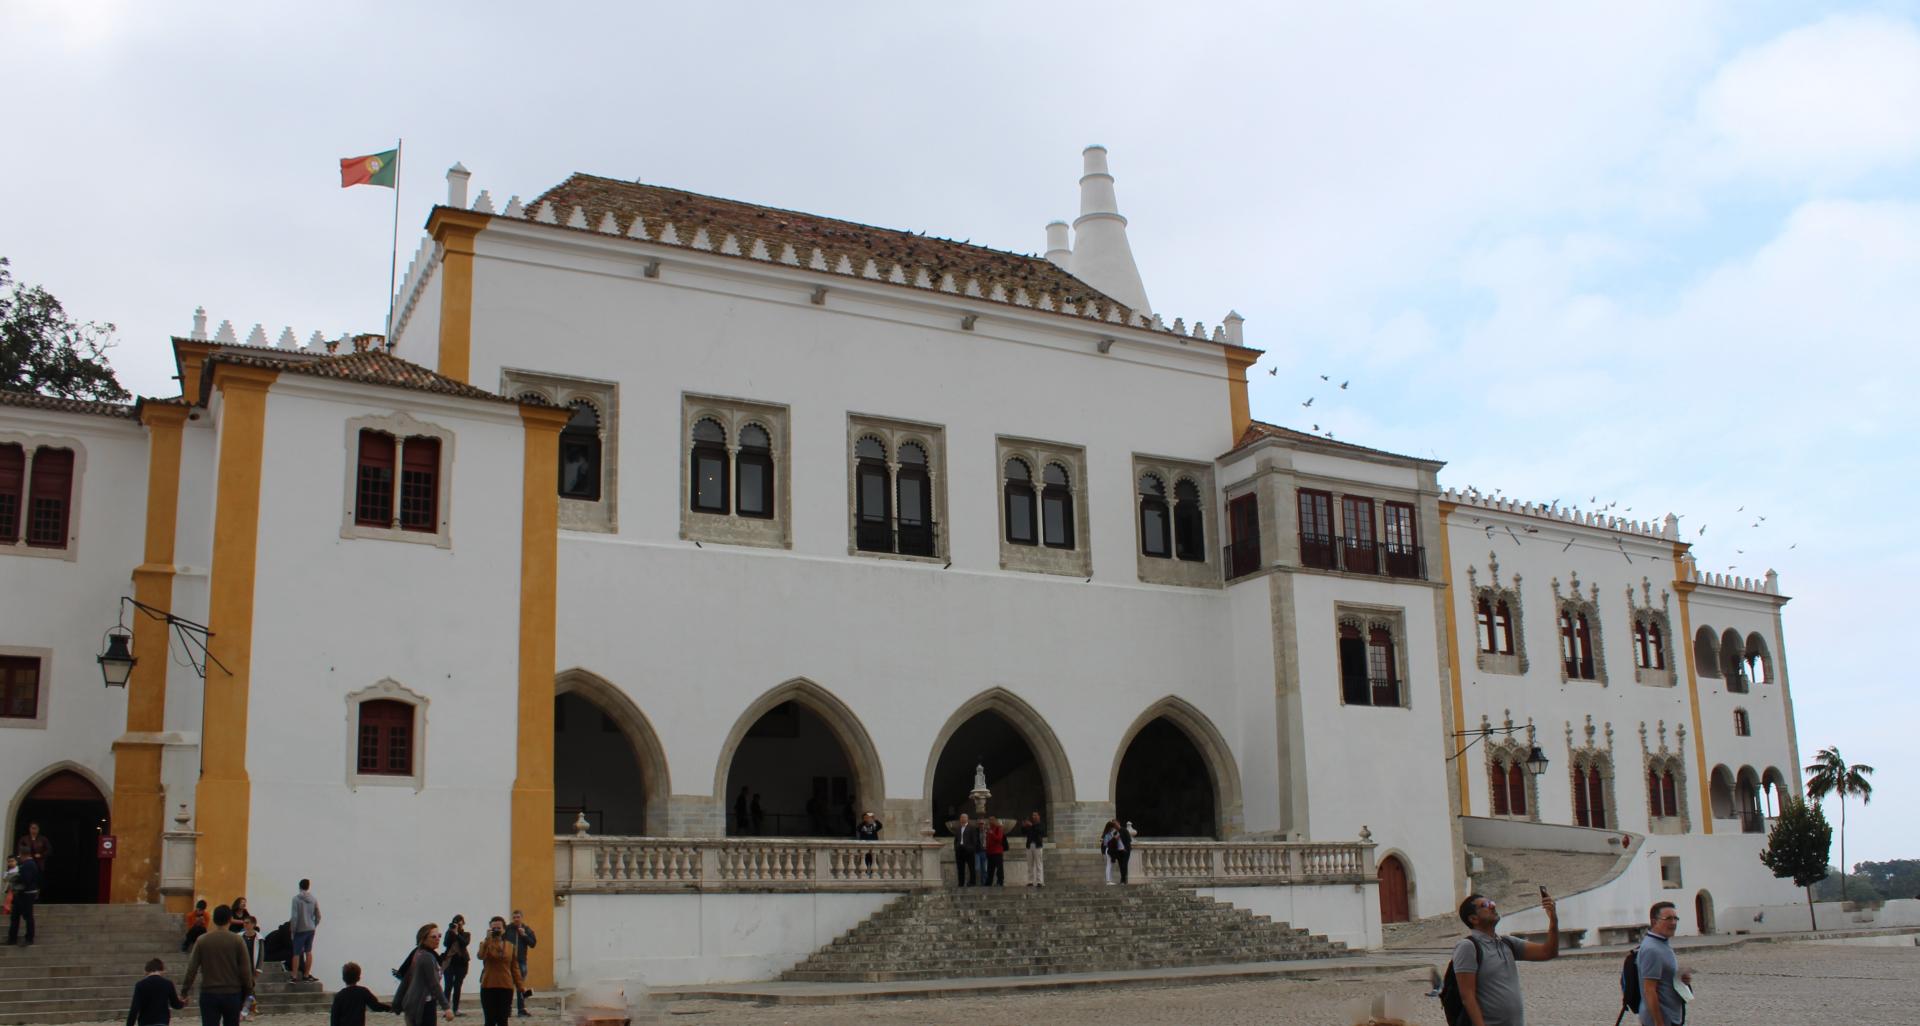 Plac przed Pałacem Narodowym - Sintra